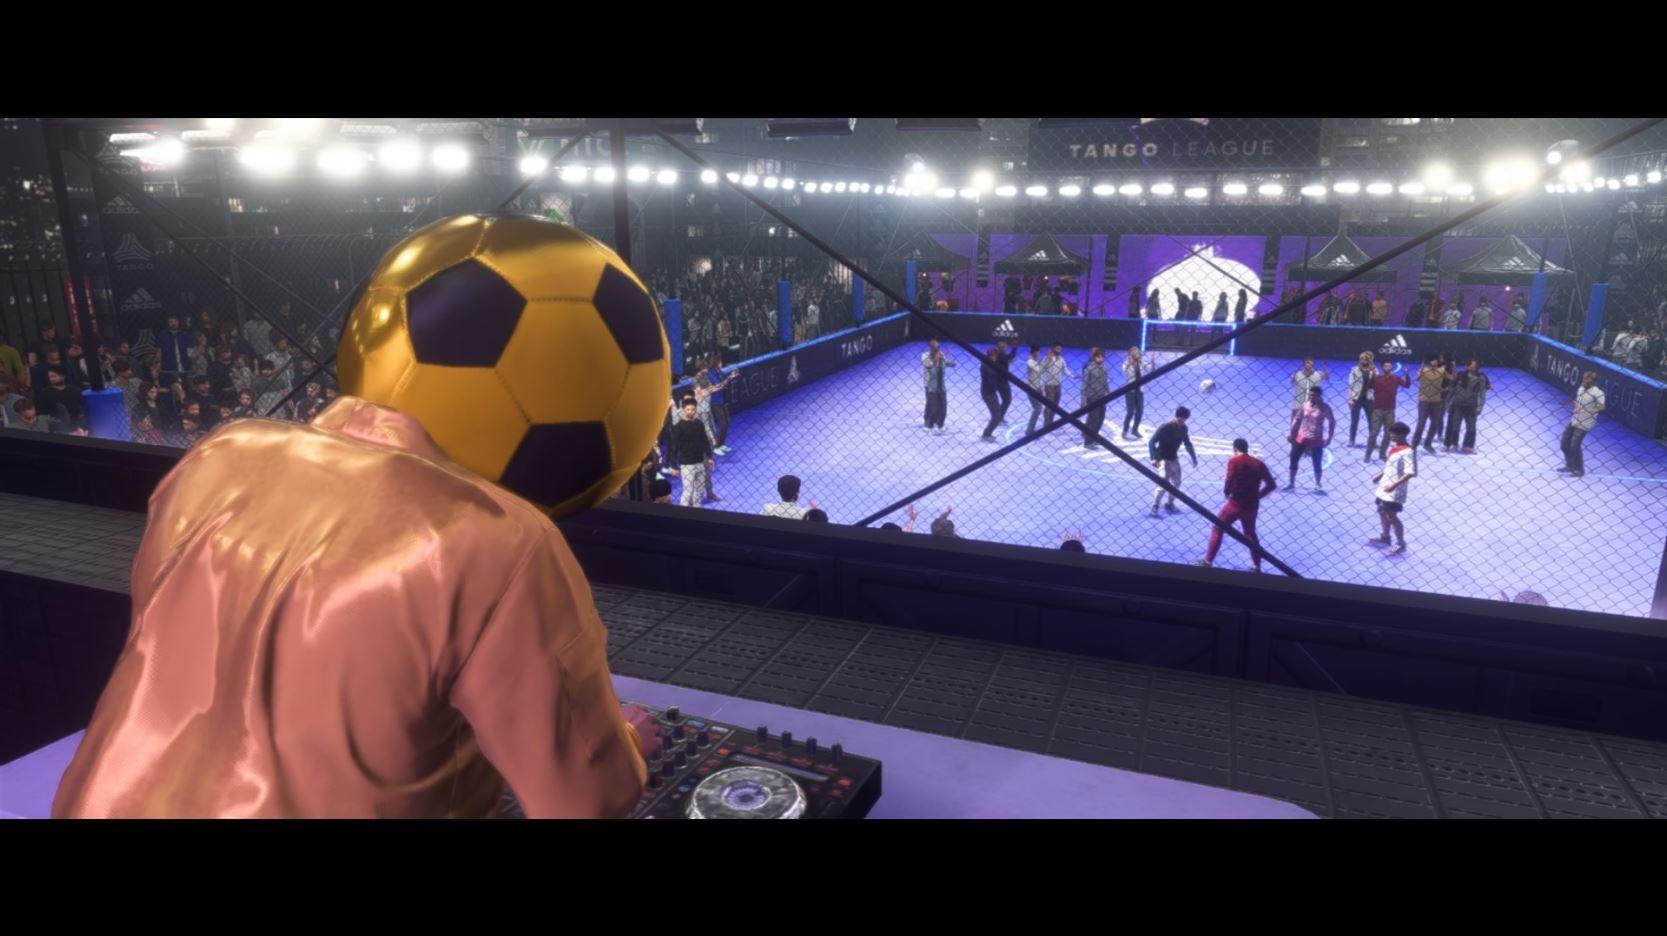 مراجعة FIFA 20: طرق جديدة للعب تجعل FIFA الحزمة الكاملة 3